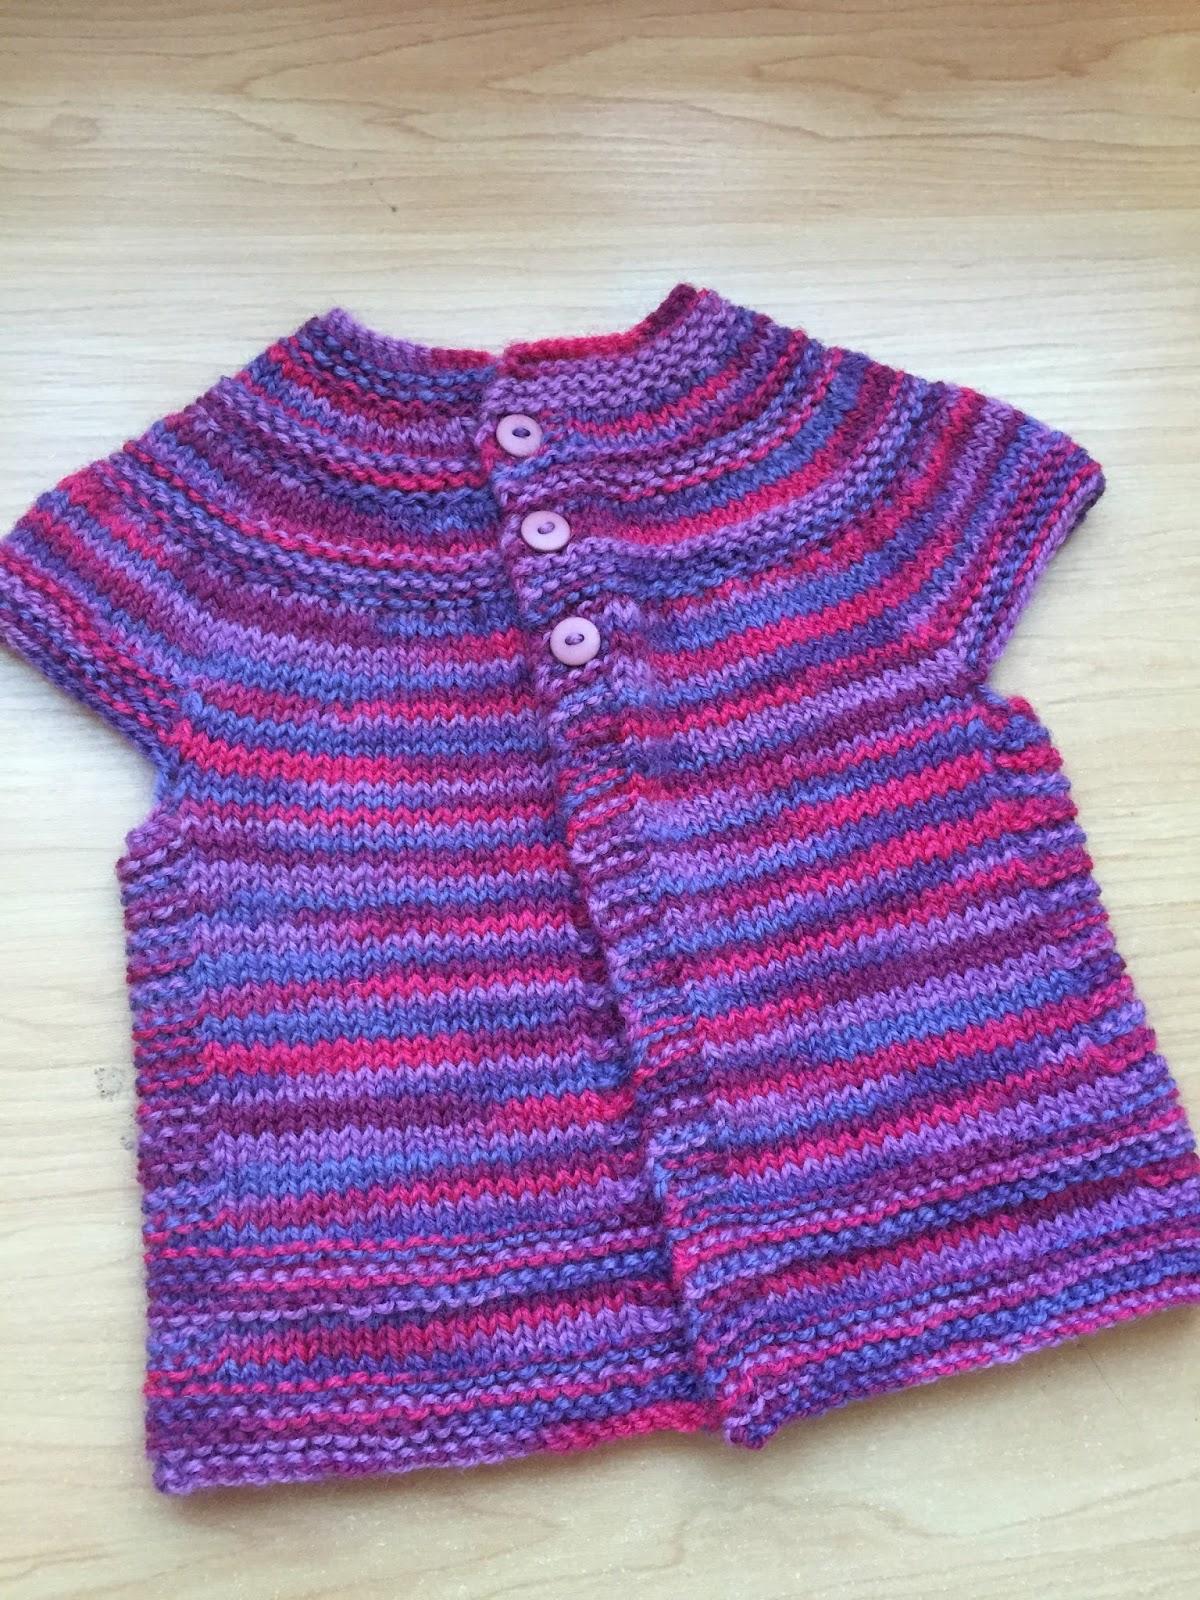 Knitting Pattern New Zealand : A Kiwi Stitching : Knitting Finishes